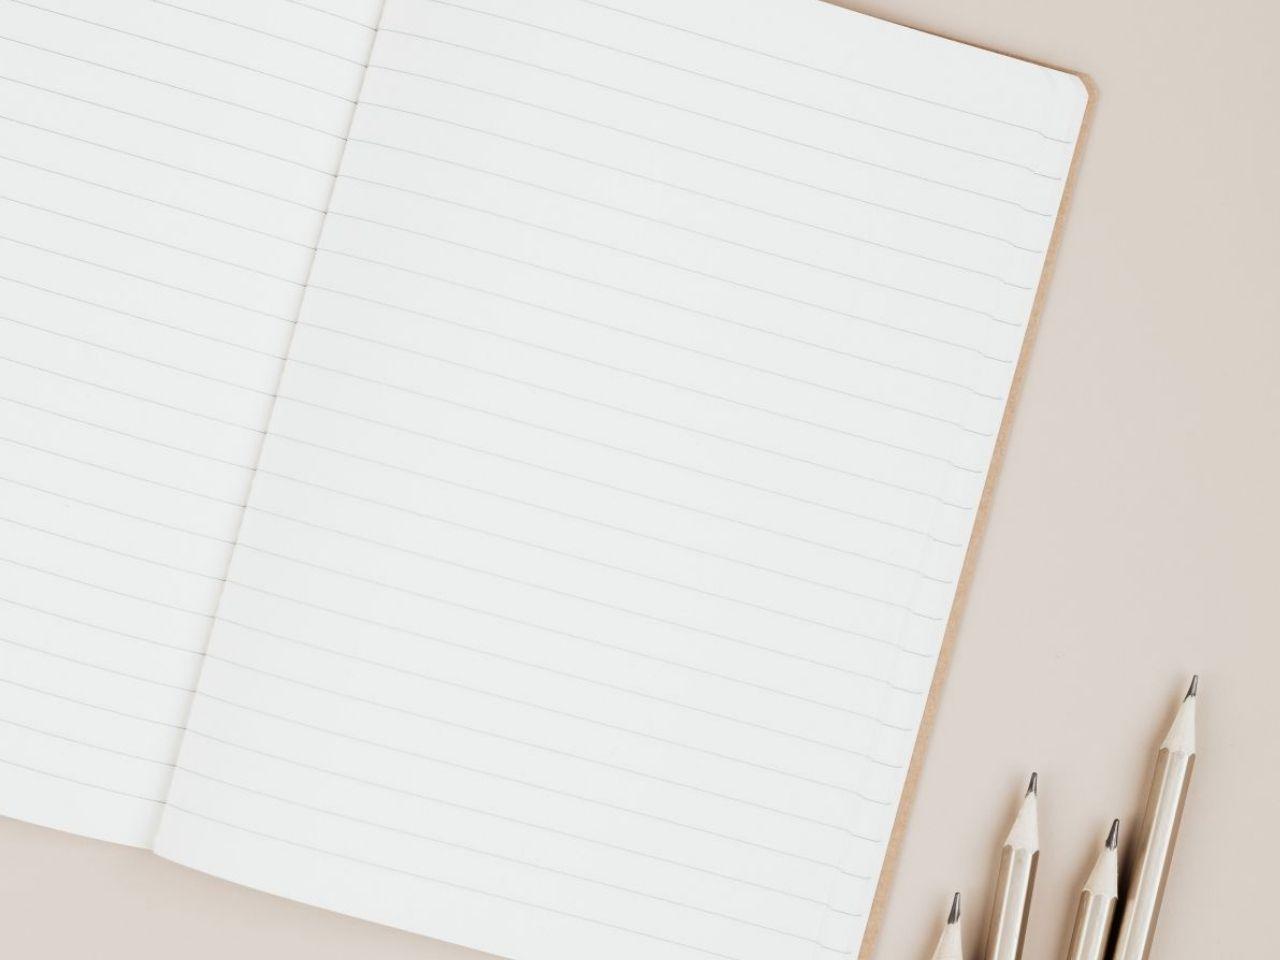 ノートと4本の鉛筆